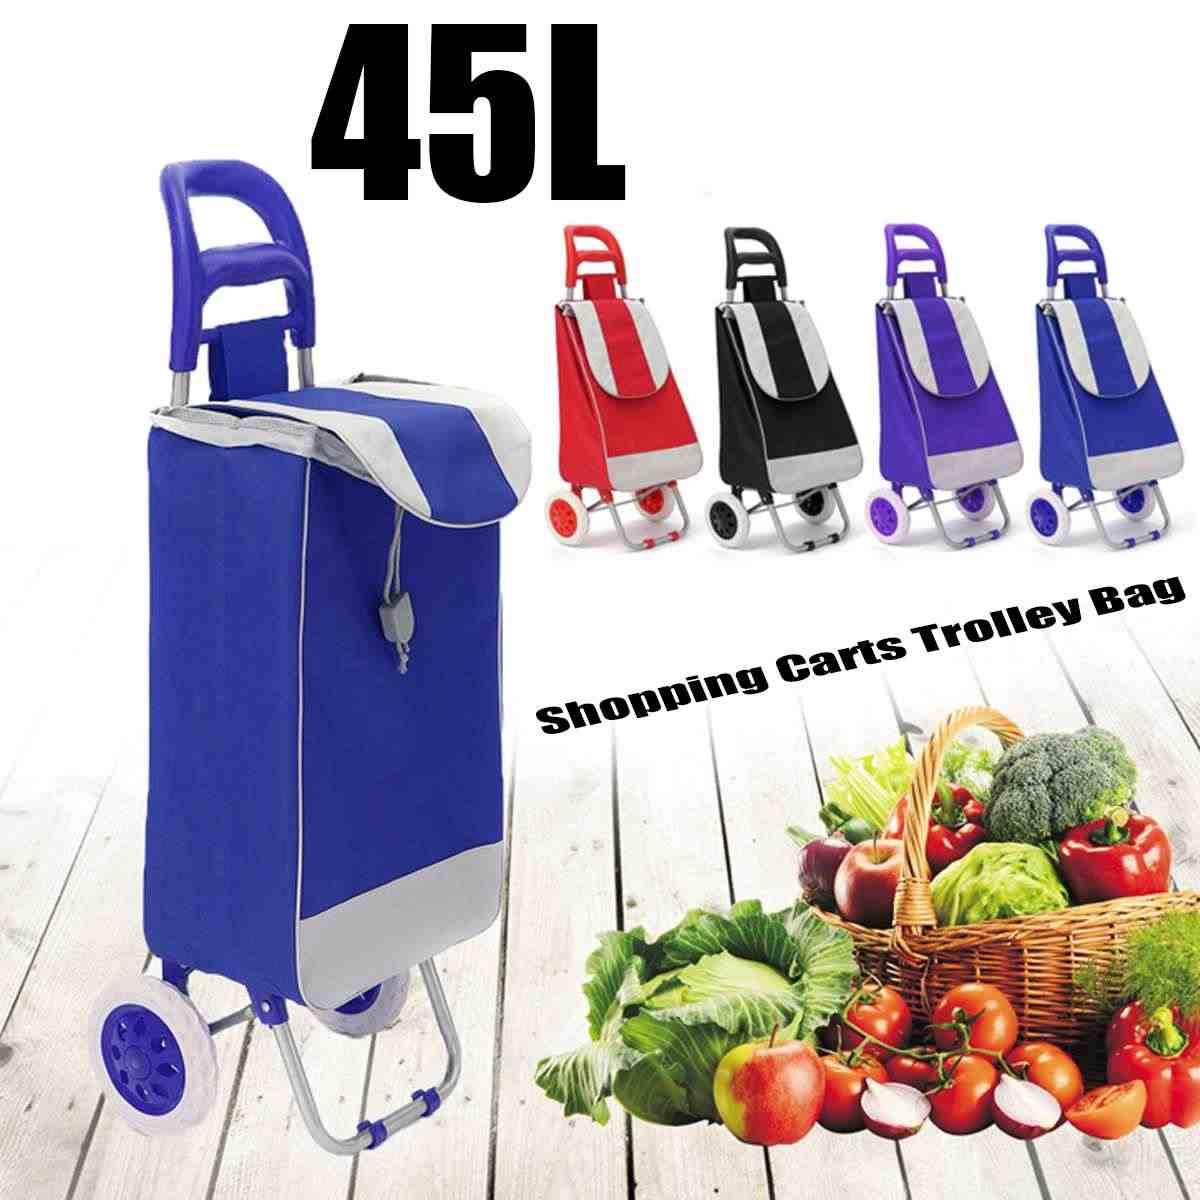 45 l carrito de compra plegable bolsa sobre ruedas Carro con rueda bolsa cesta equipaje ruedas Oxford tela Floding